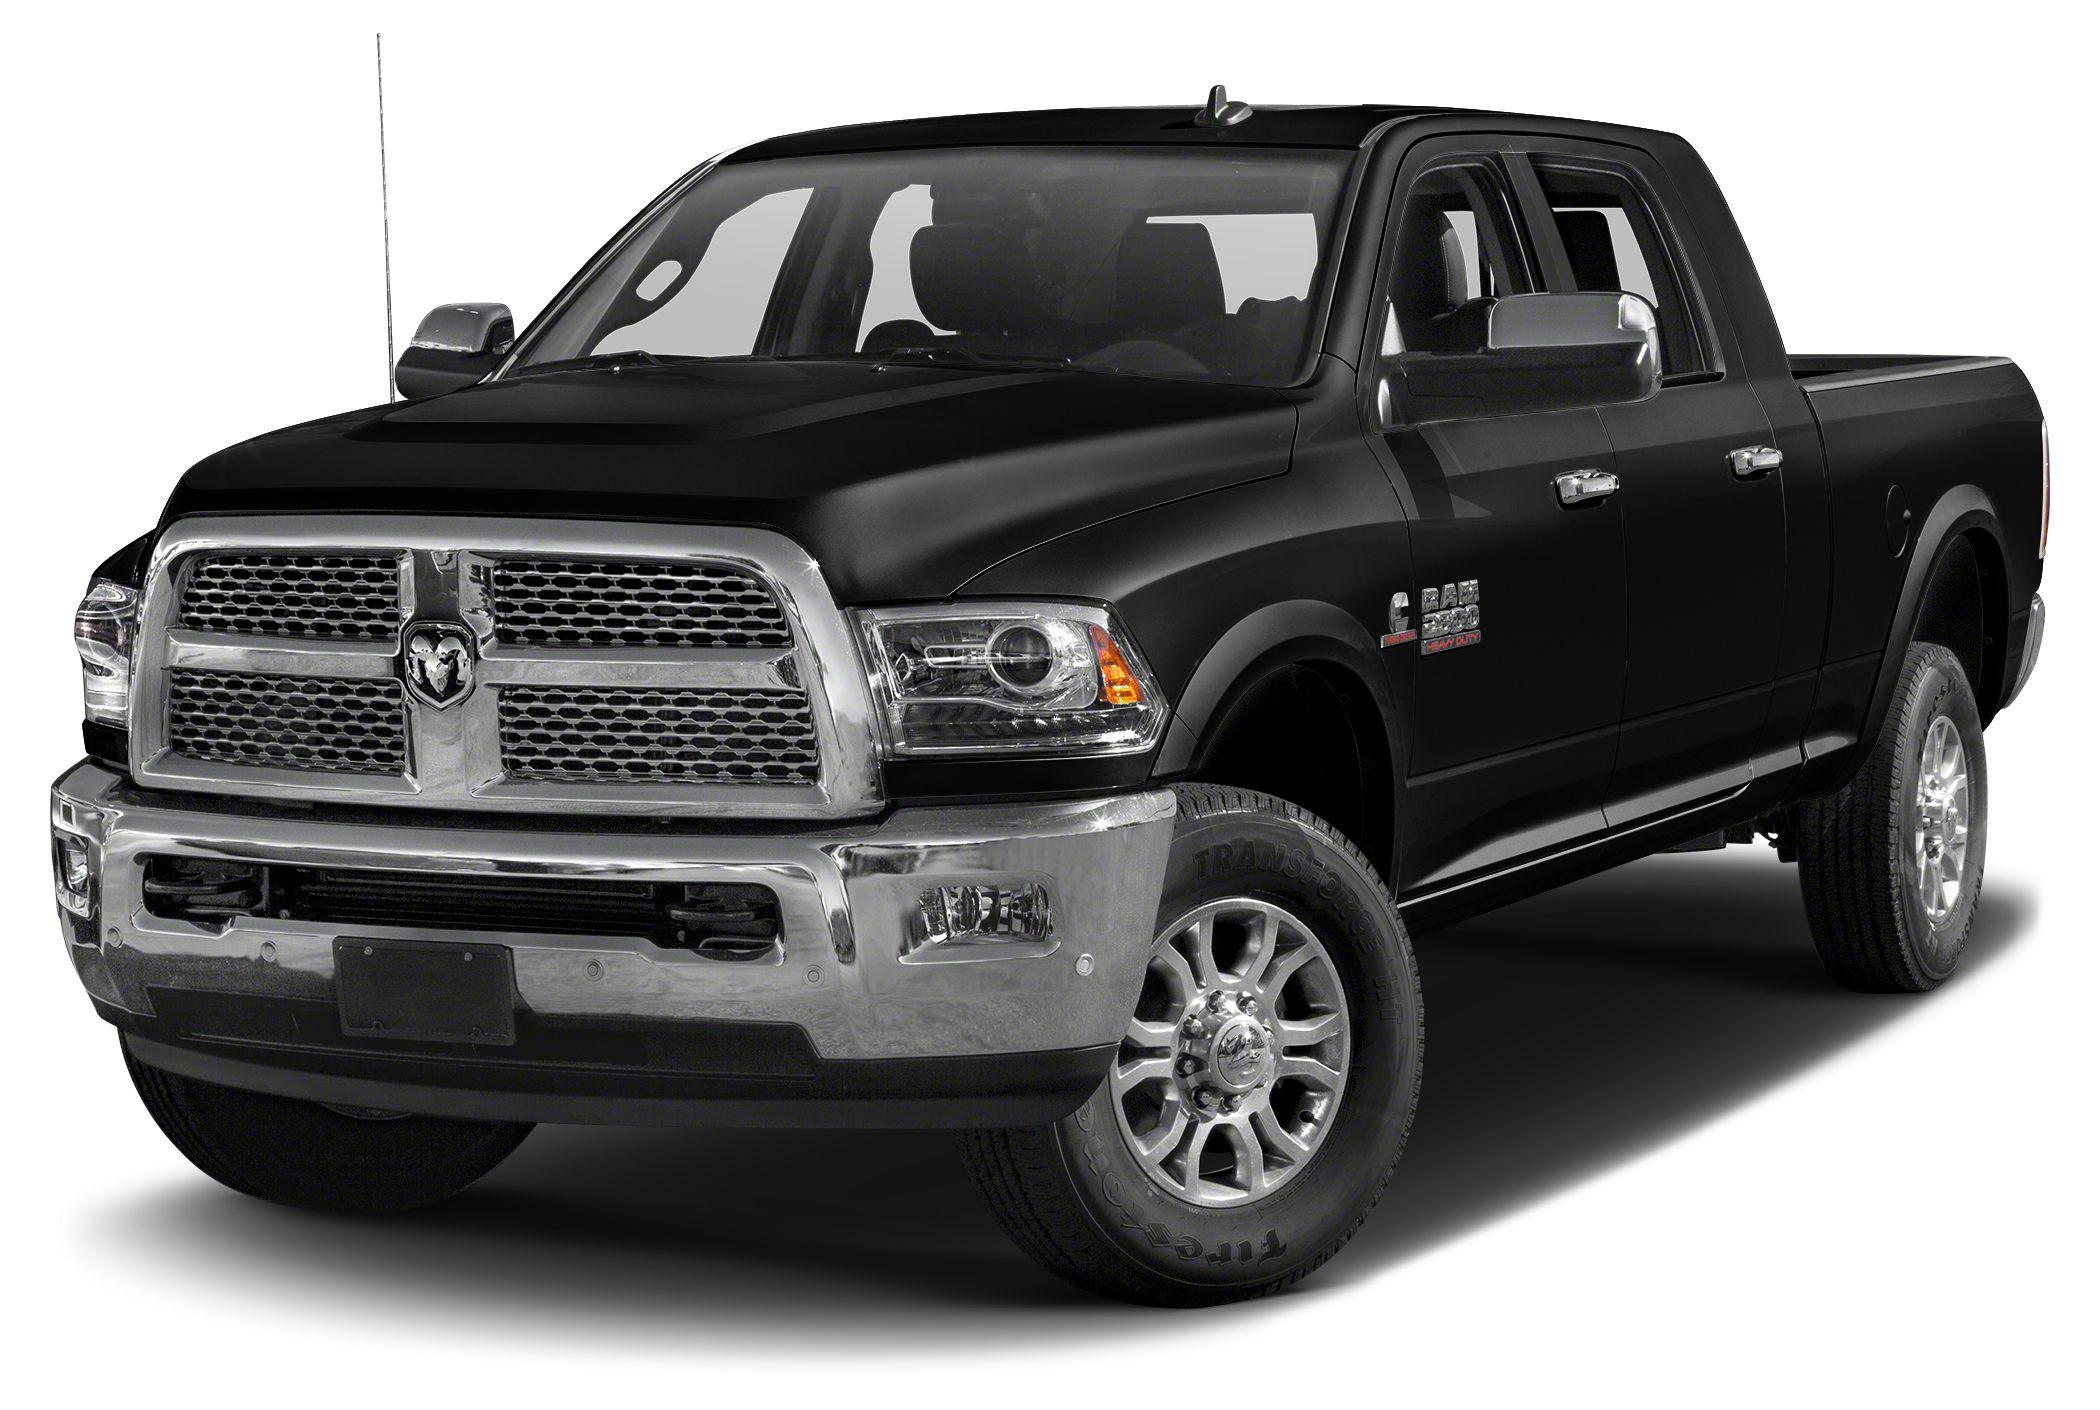 2016 RAM 2500 Laramie Price includes 1000 - Southwest 2016 Bonus Cash SWCGA 1000 - 2016MY US